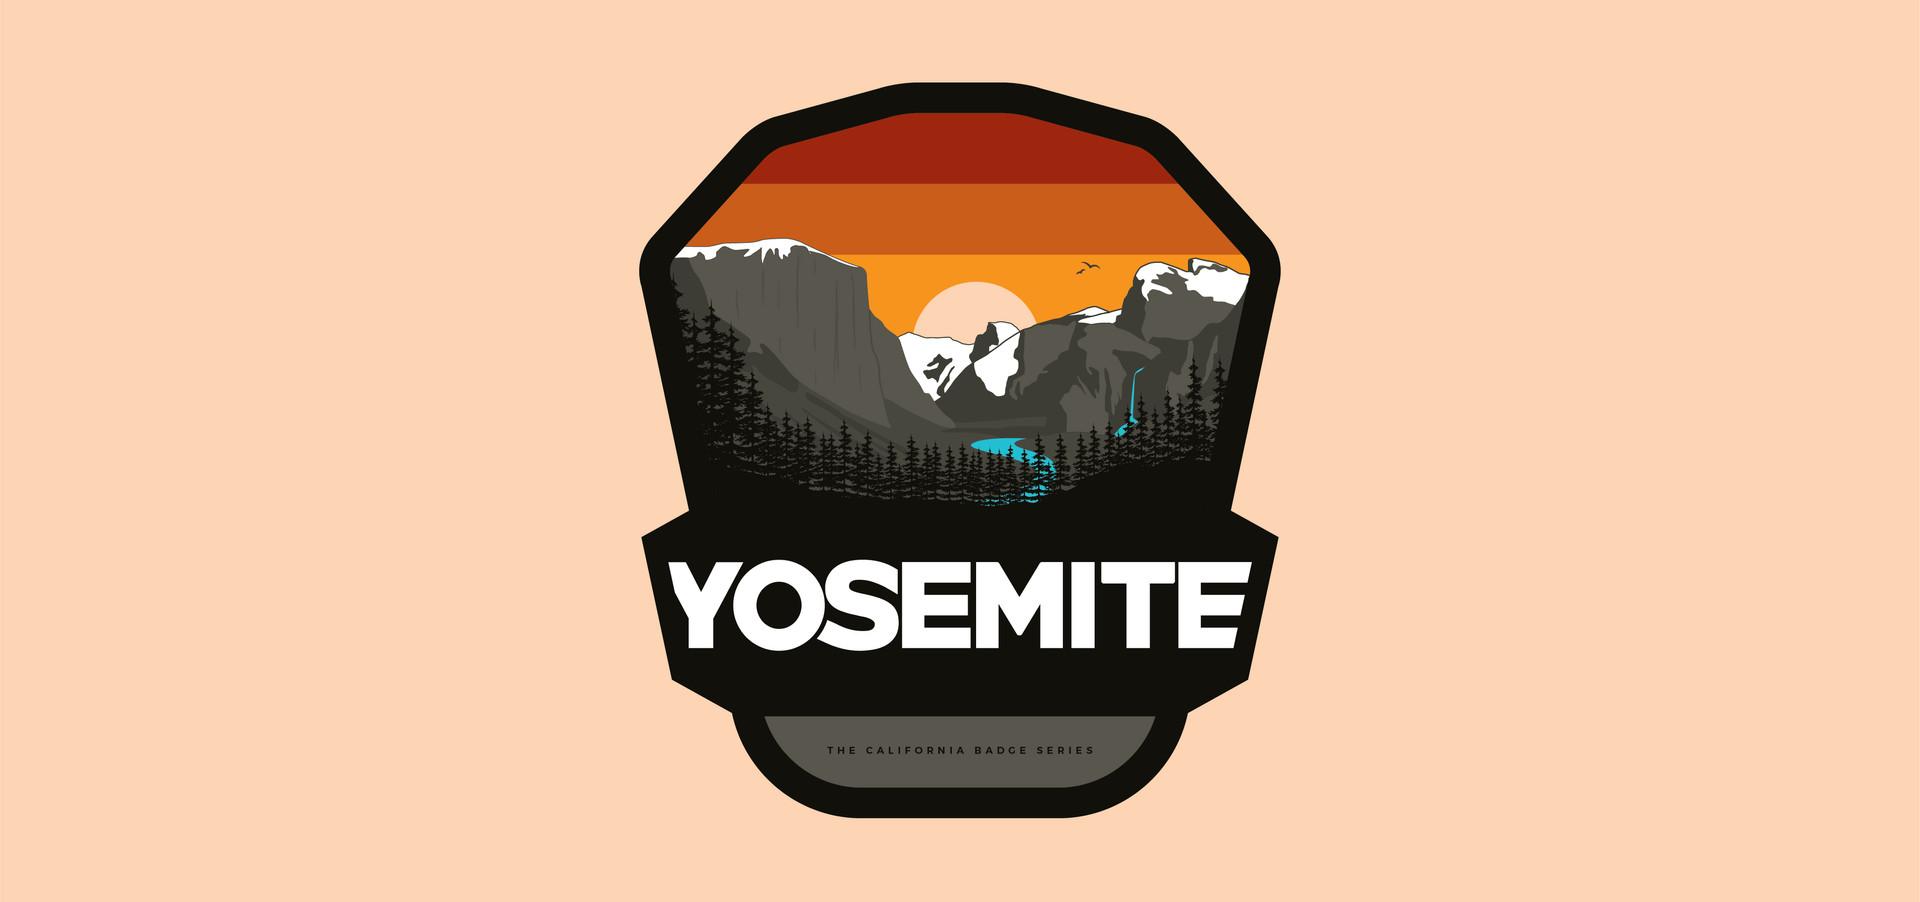 Yosemite-badge-02.jpg